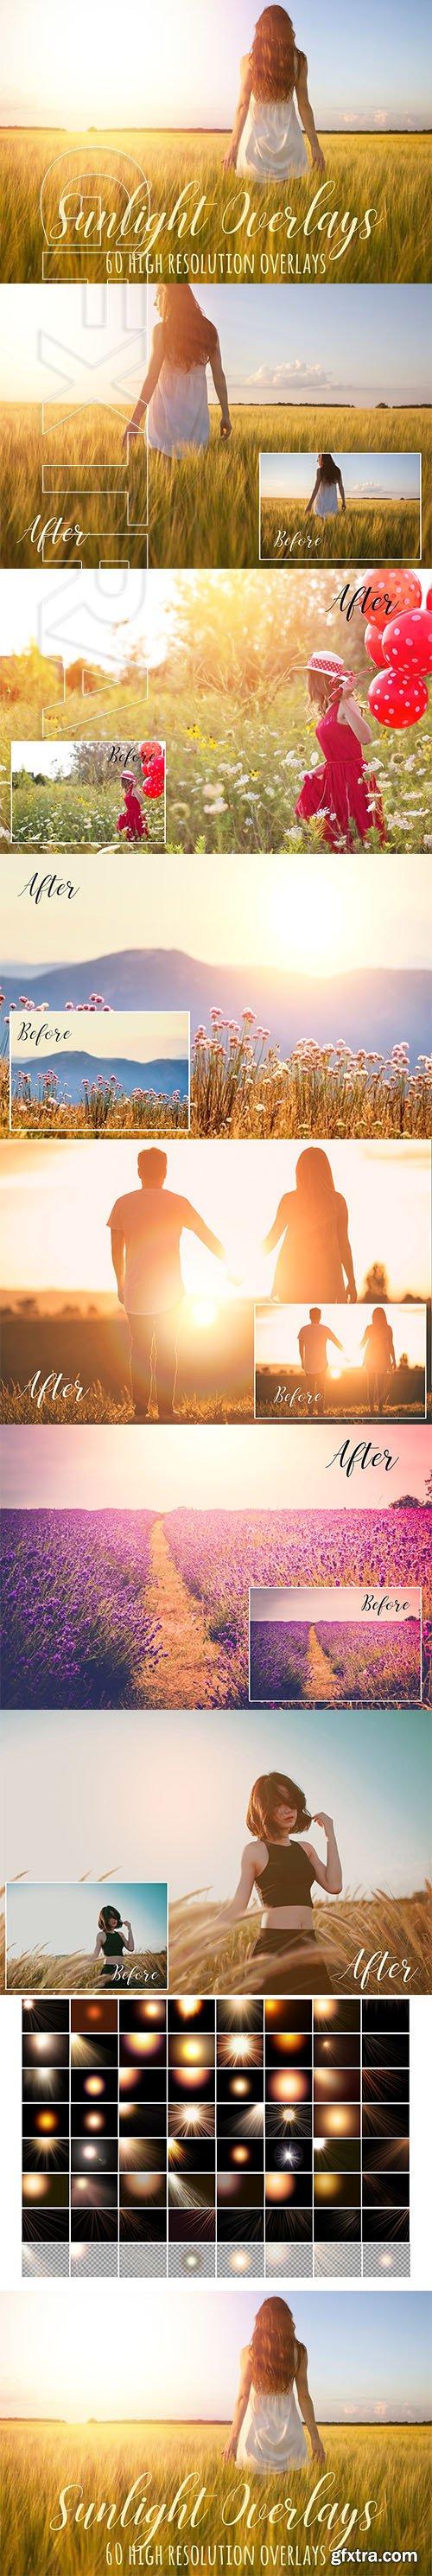 Sunlight photoshop overlays